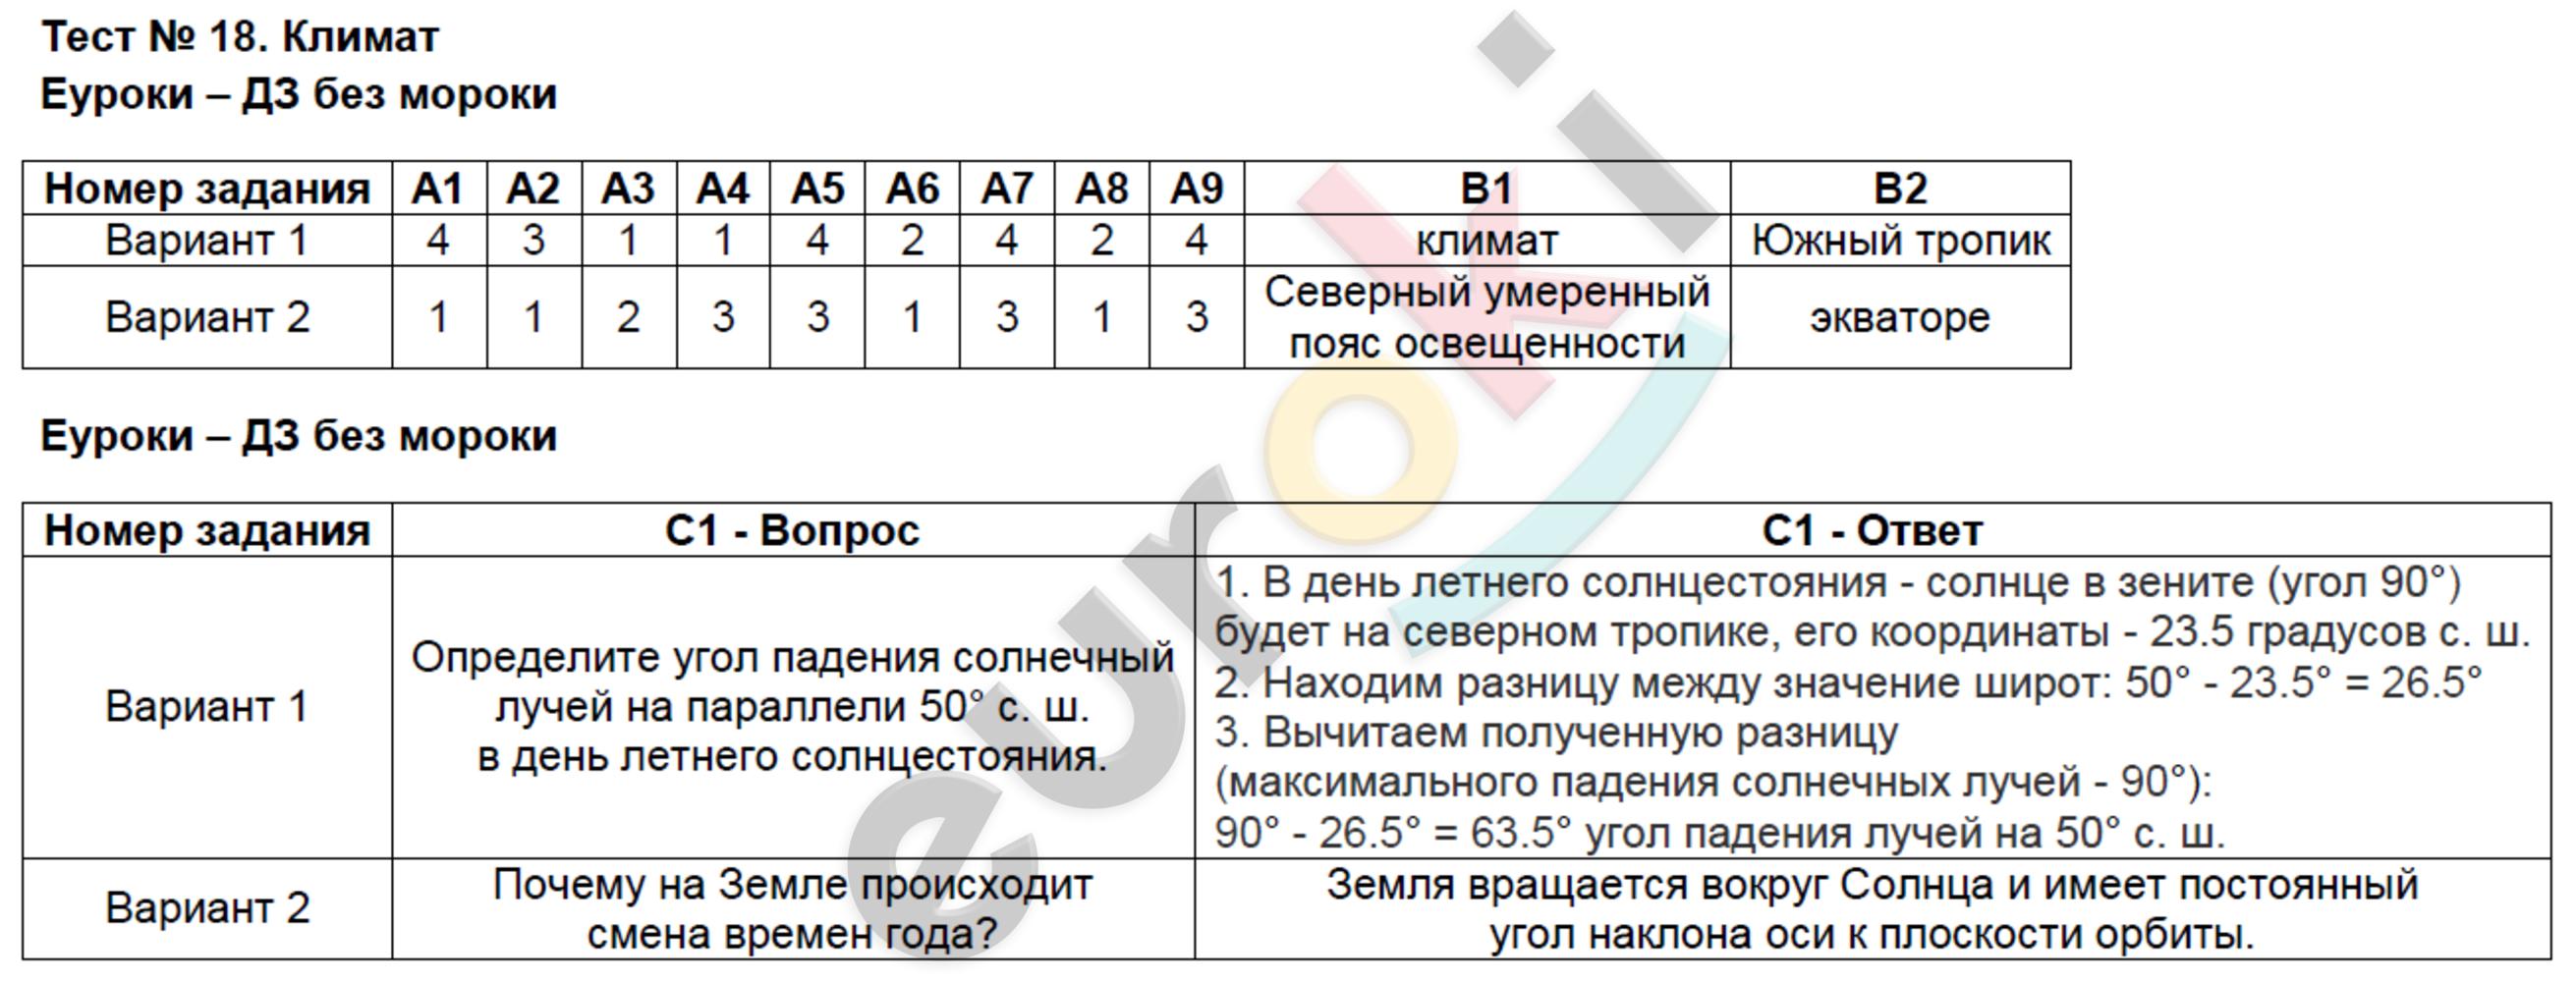 ГДЗ по географии 6 класс контрольно-измерительные материалы Жижина. Задание: Тест 18. Климат